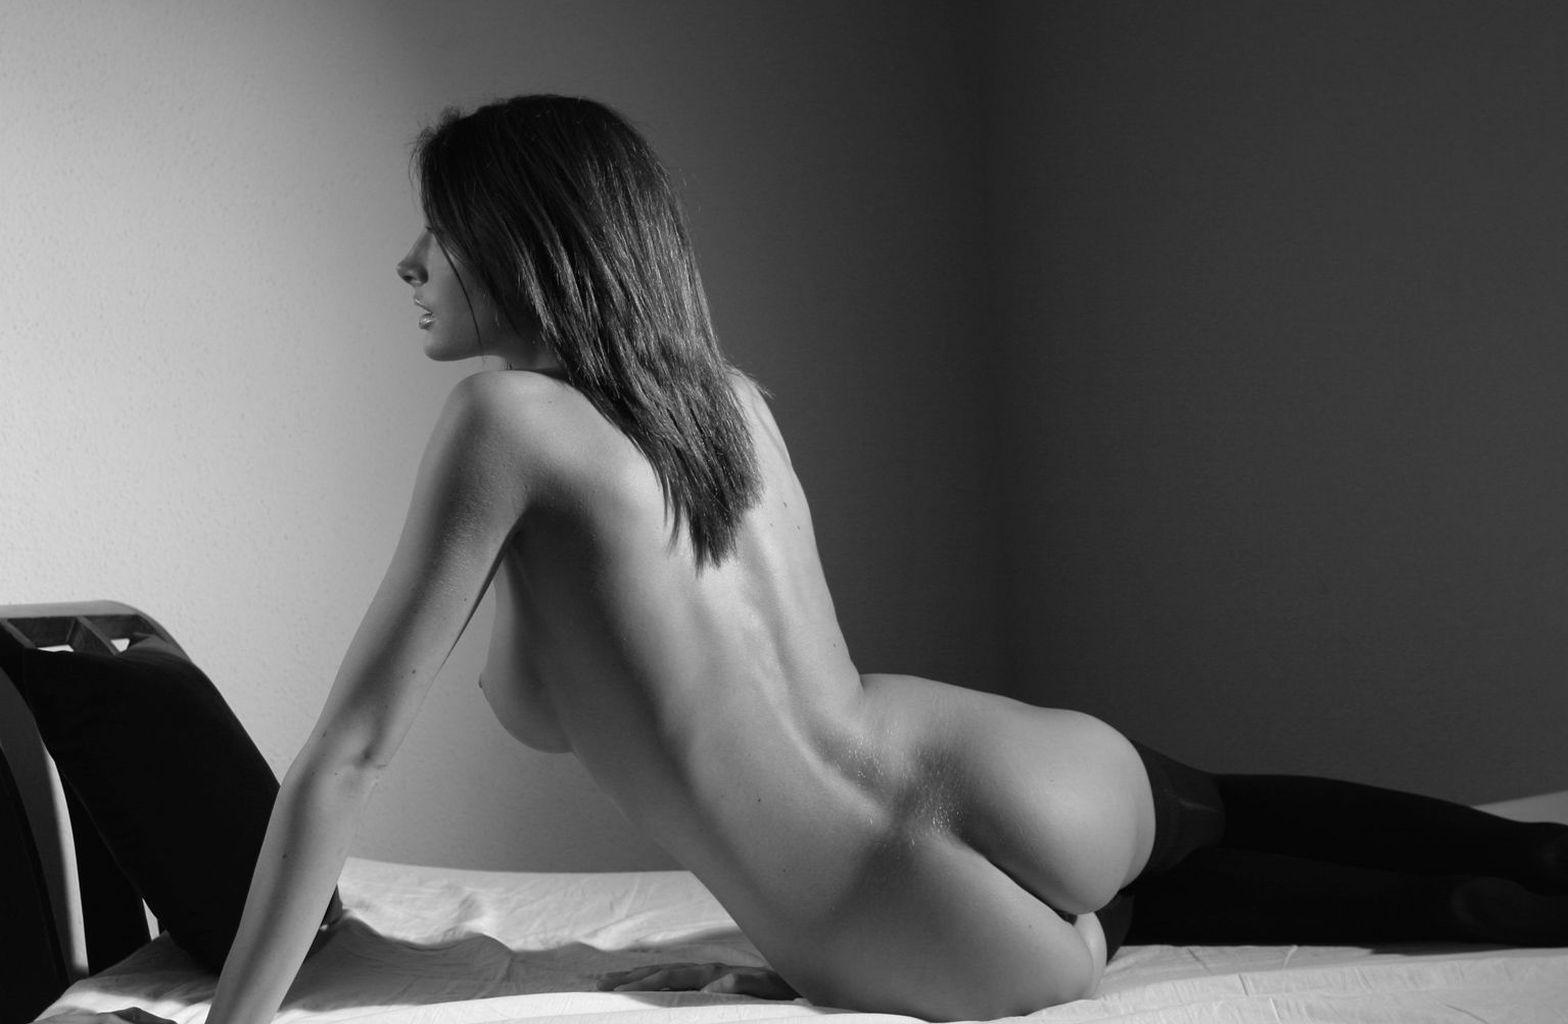 Эротические фотографии профессиональные, Профессиональная эротика от Аркадия Козловского 30 фотография